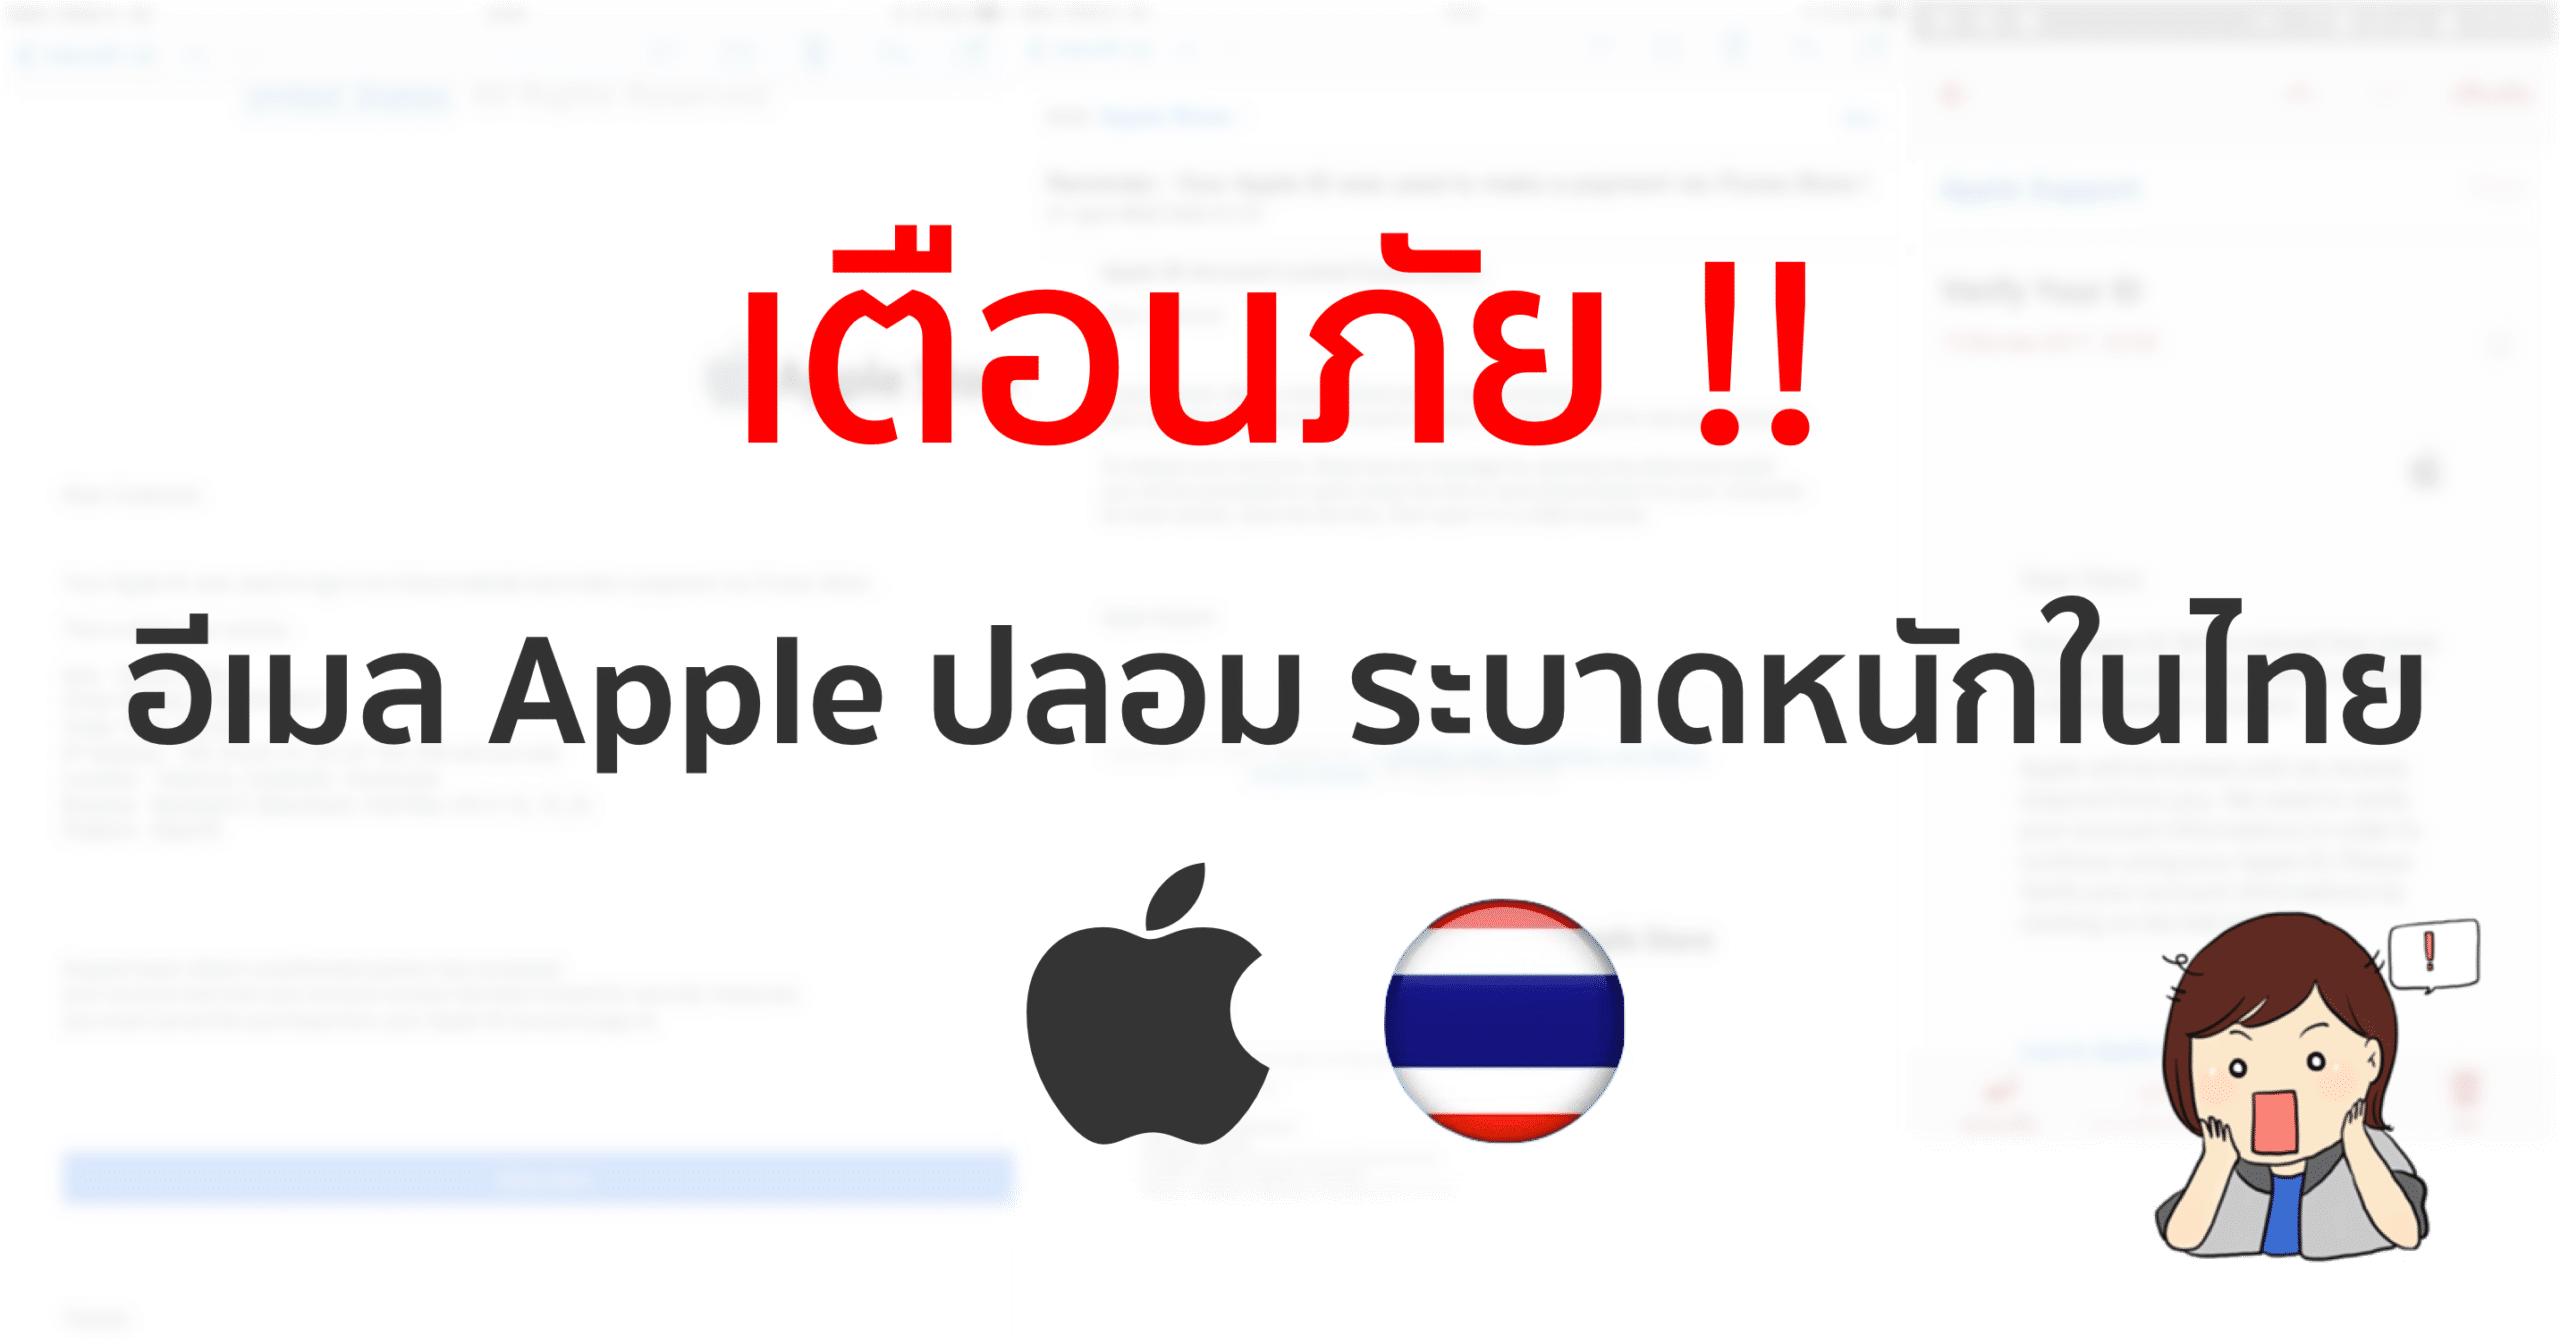 เตือนภัย !! Email Apple ปลอม ระบาดหนักในไทย หวังหลอกถาม